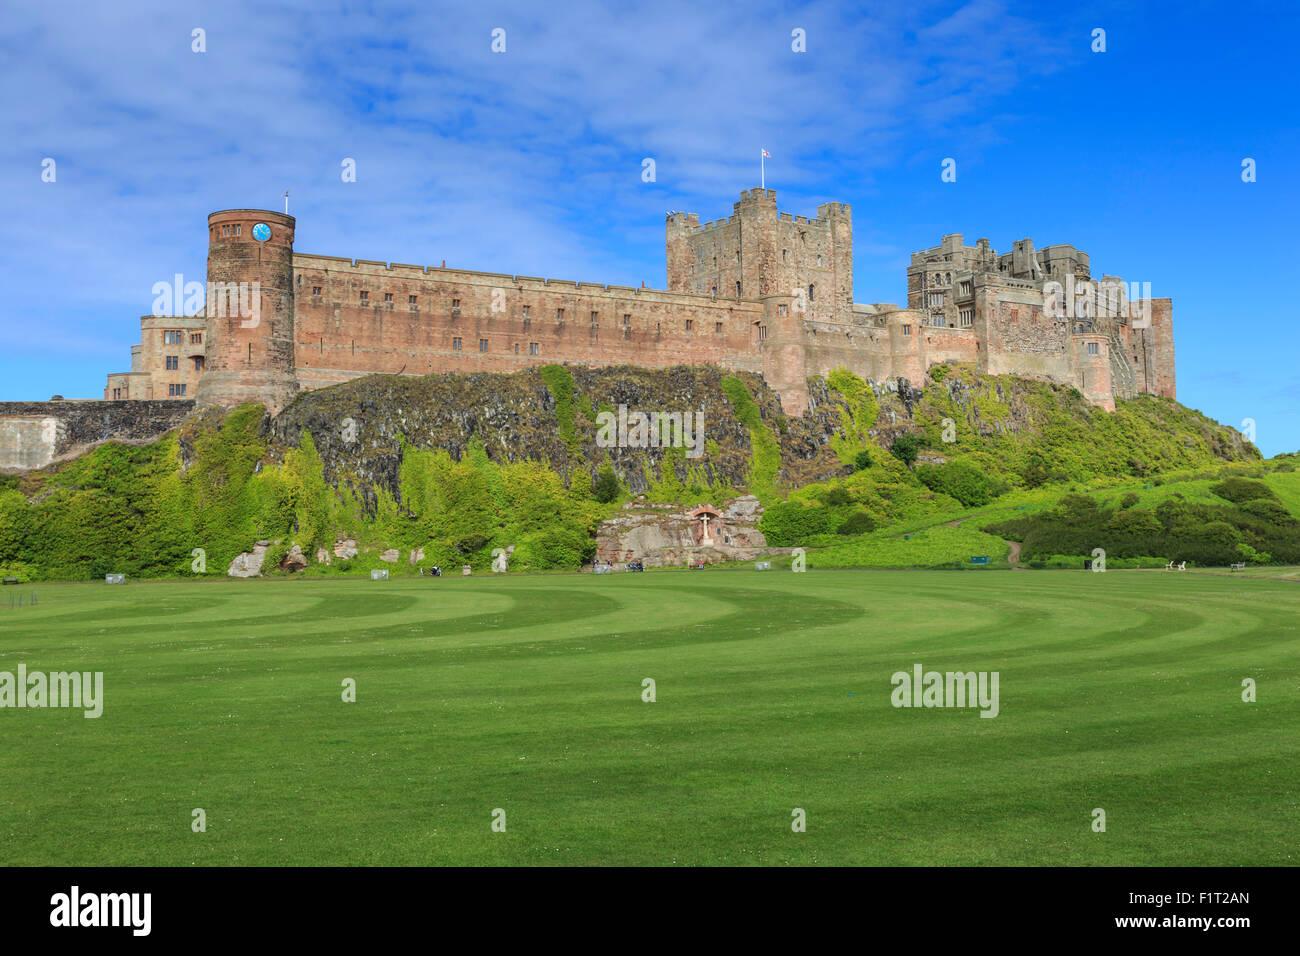 Bamburgh Castle under a blue summer sky, Bamburgh, Northumberland, England, United Kingdom, Europe - Stock Image